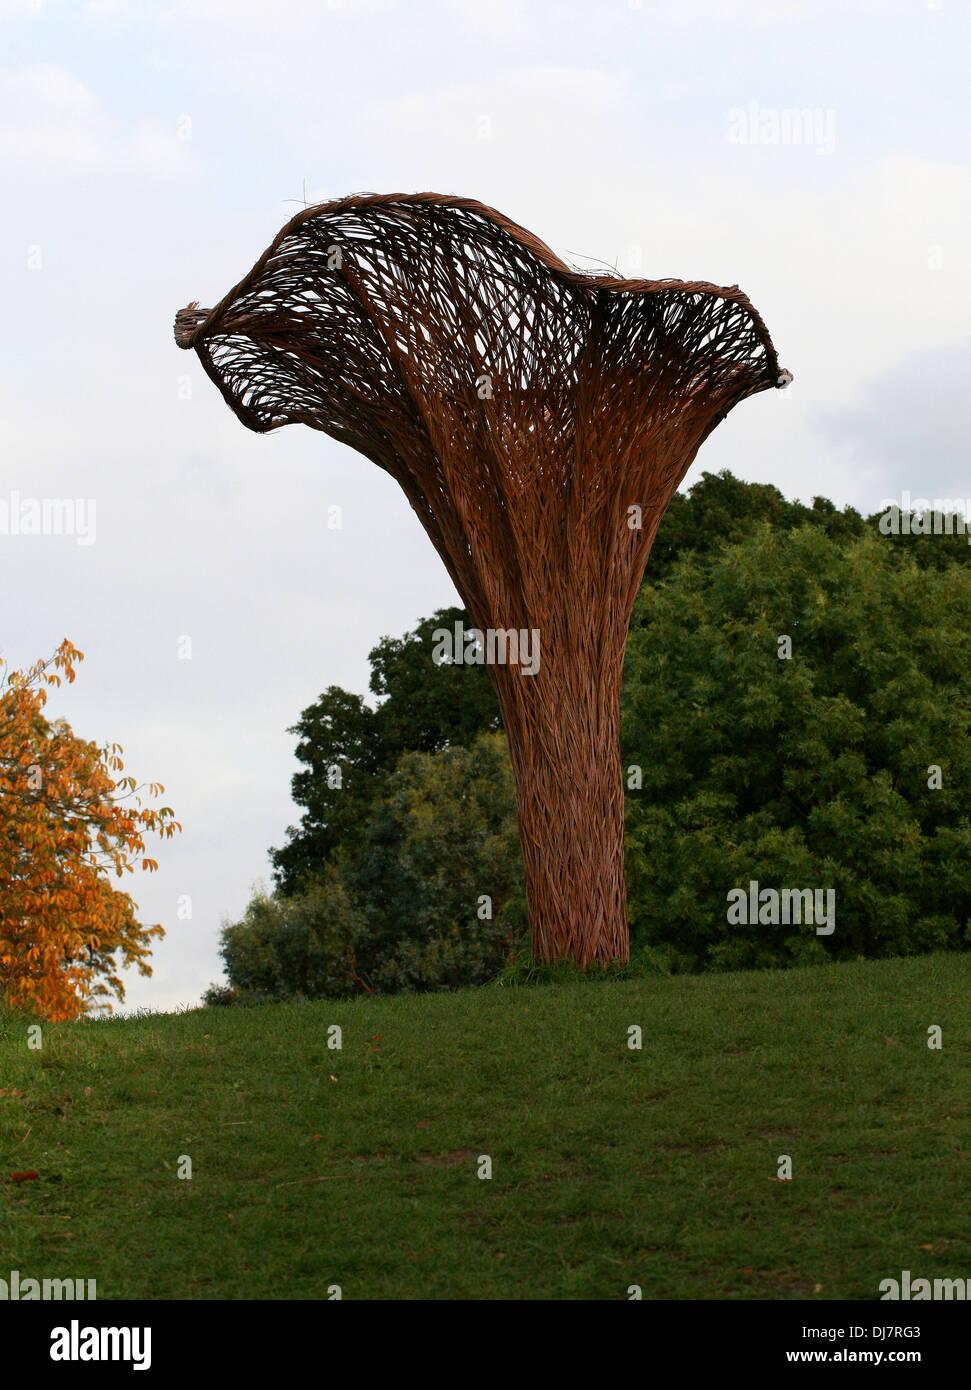 Willow Sculptures Stock Photos Willow Sculptures Stock: Willow Sculpture Photos & Willow Sculpture Images